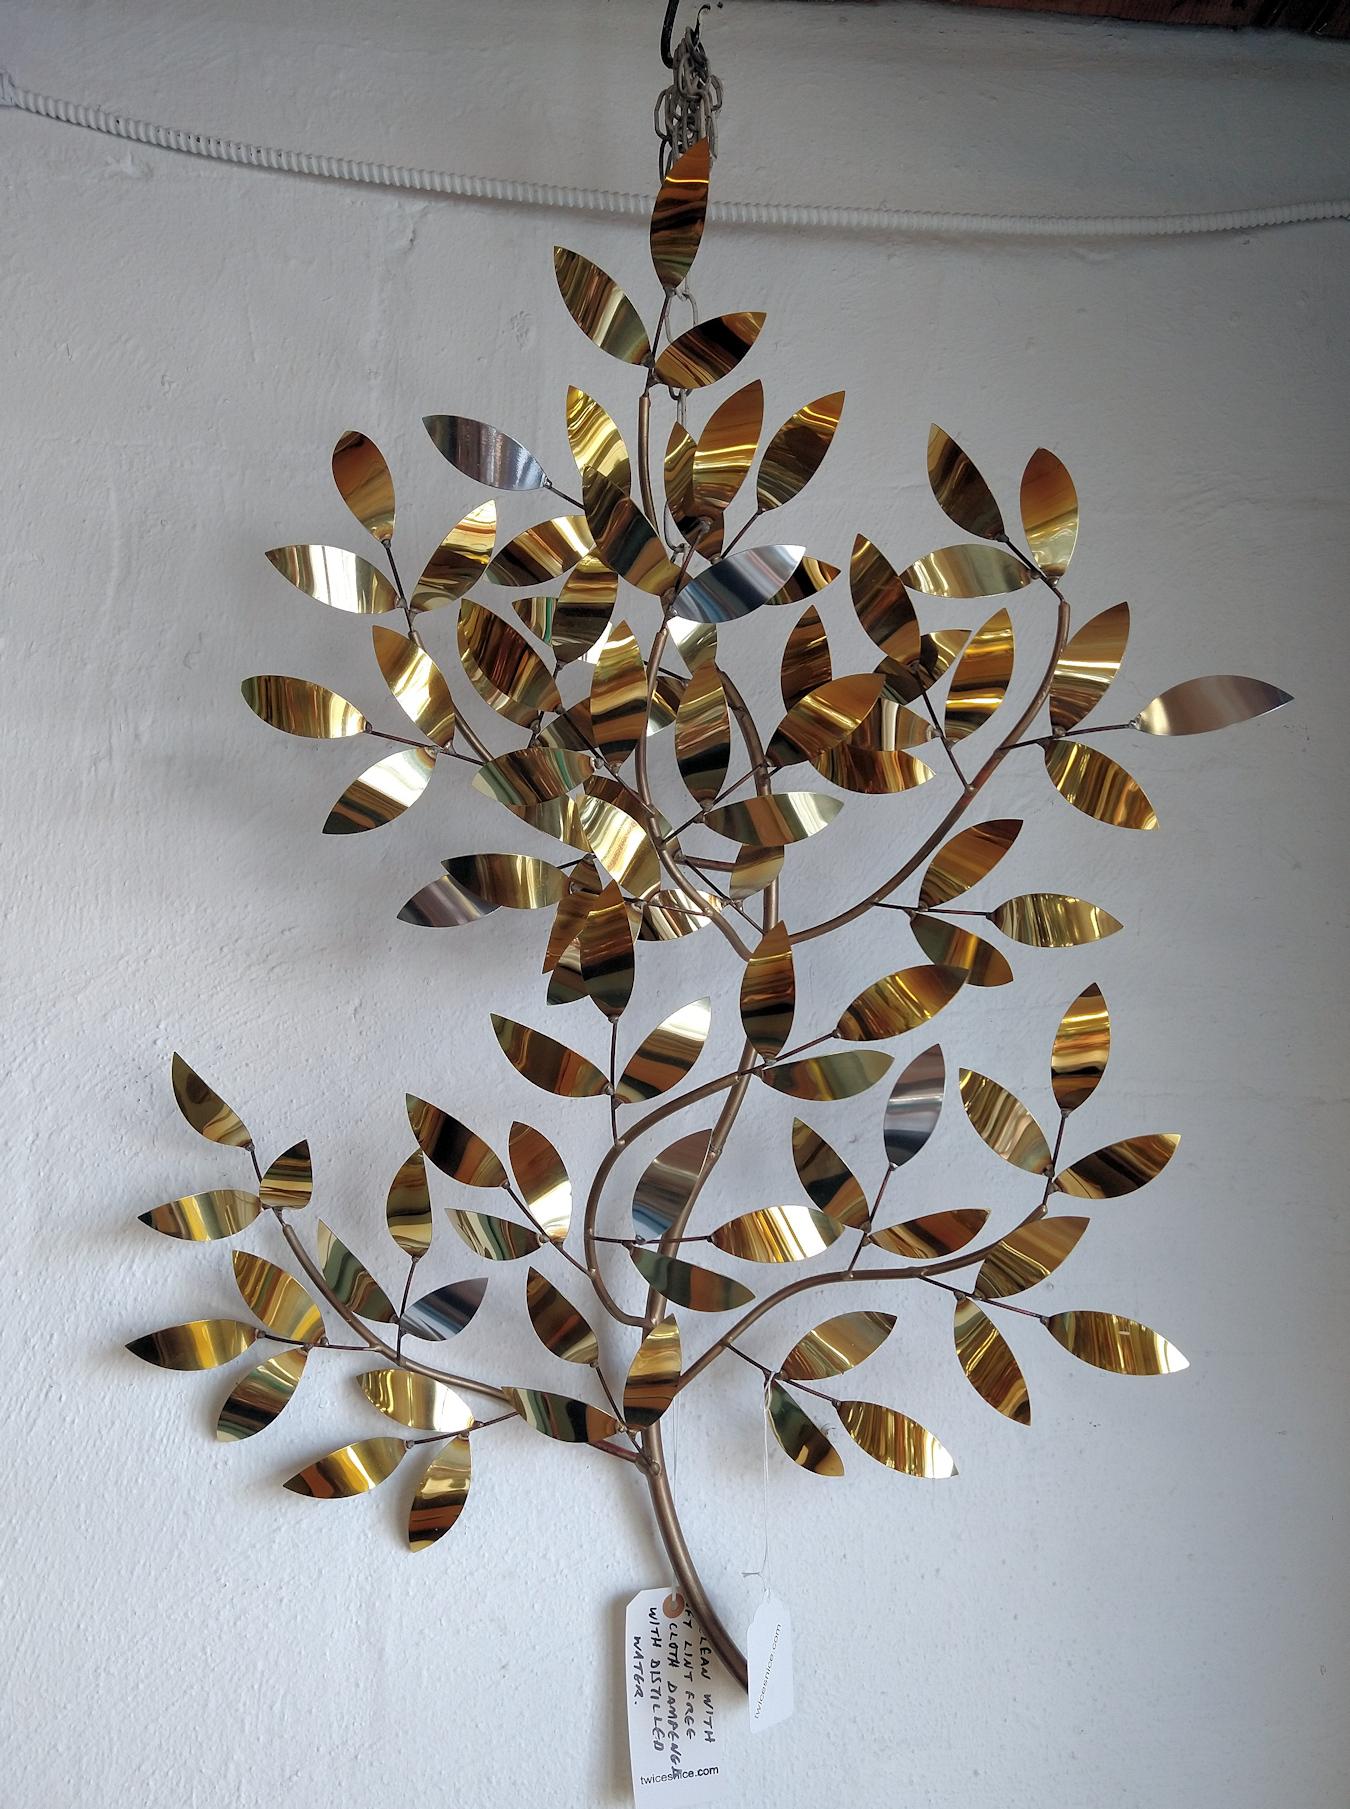 KK0186-Brass-leaves-wall-art